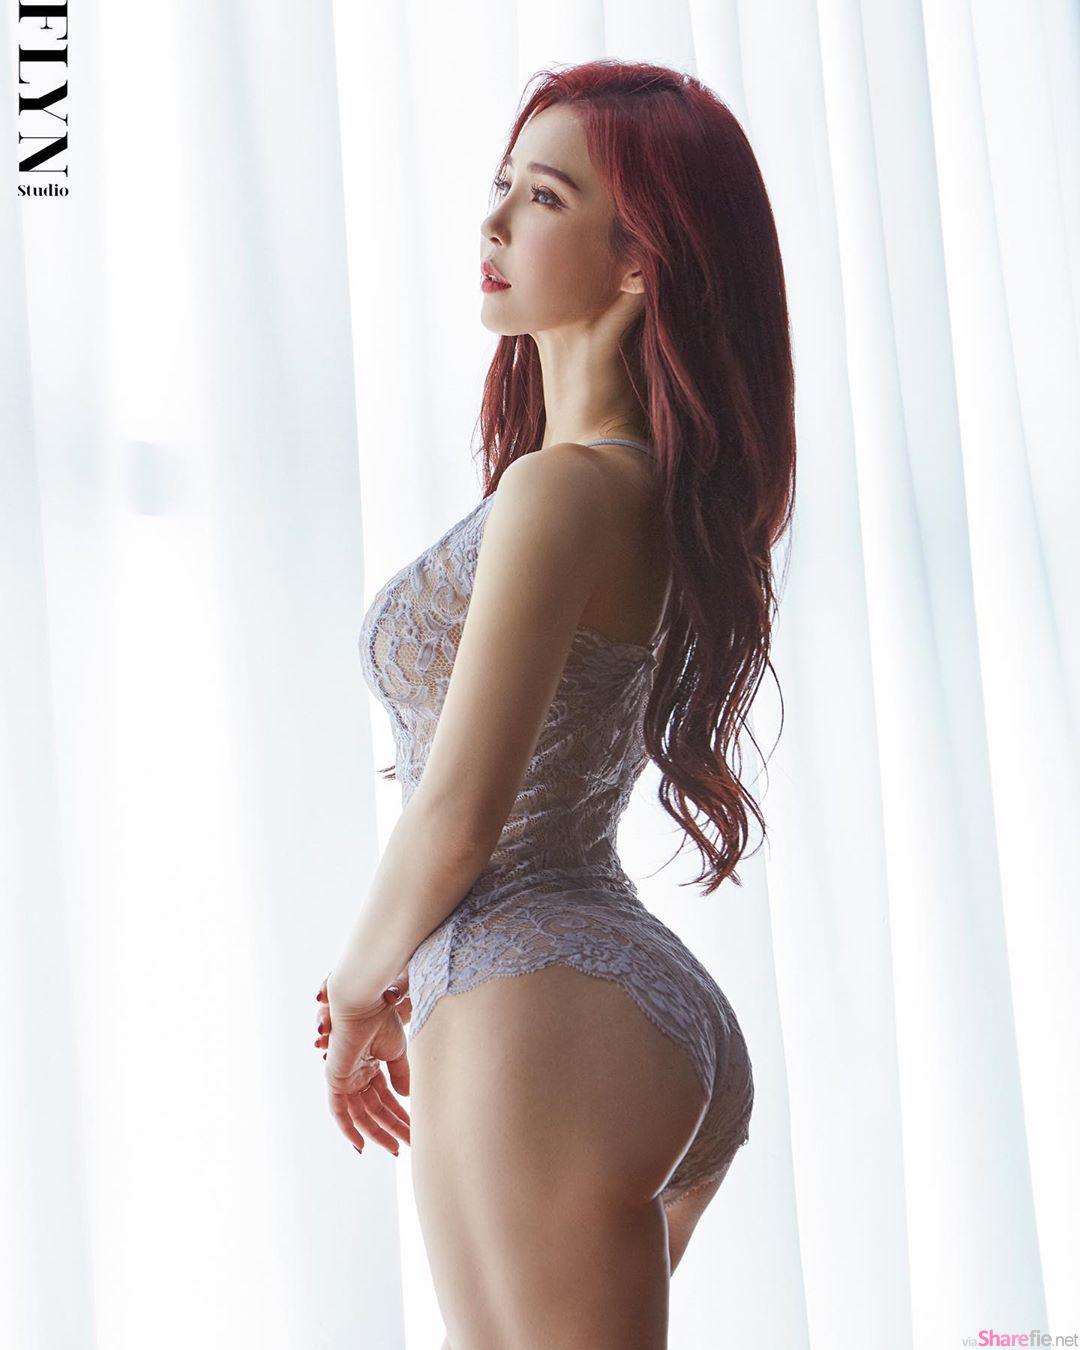 韩国比基尼天使Lee Jina,网友:差点要掉出来